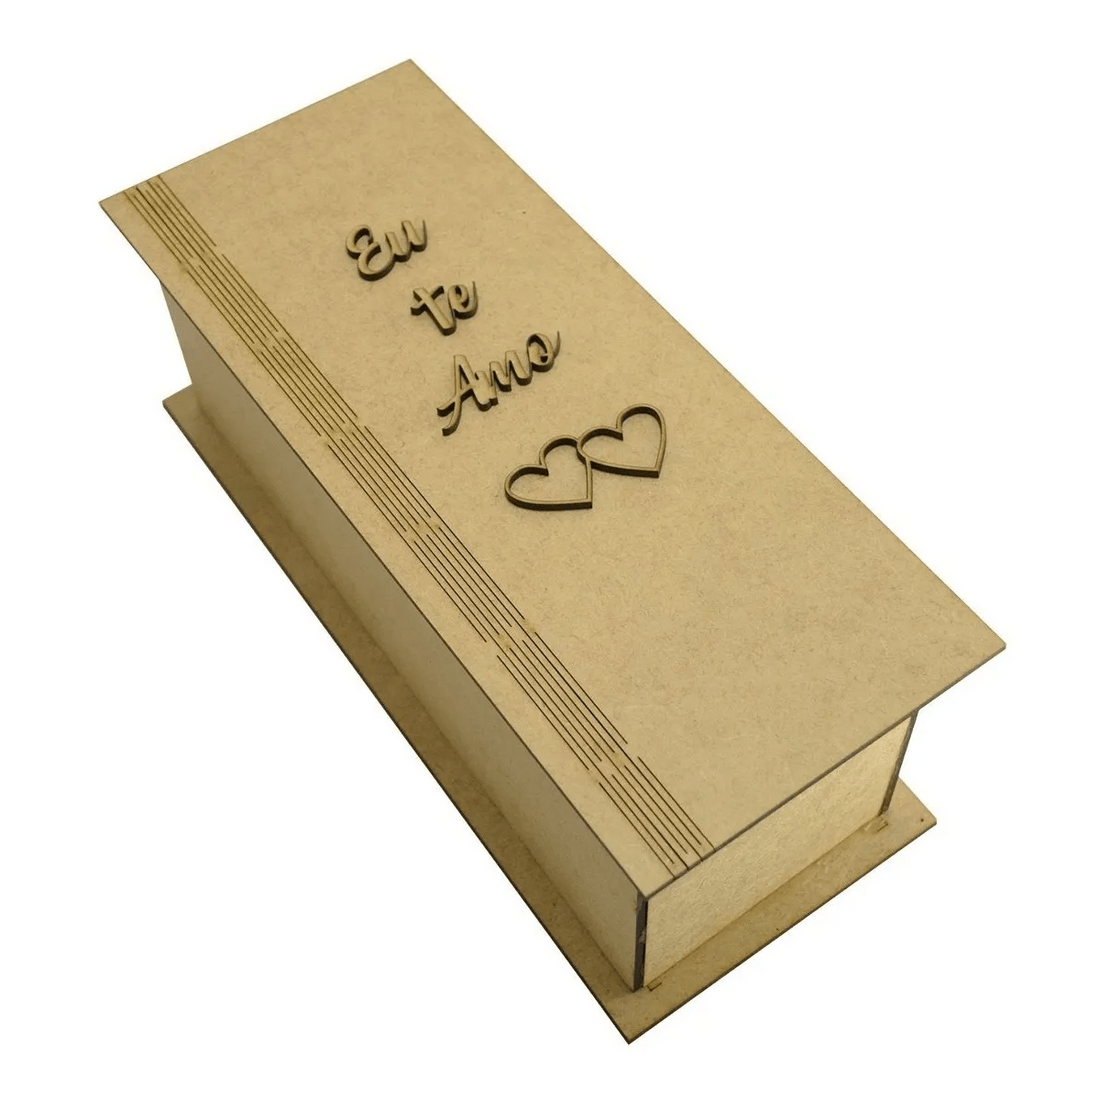 Kit-6-Caixa-Para-Mini-Vinho-Chandon-Tampa-Dobravel-Com-Aplique-Eu-Te-Amo-e-Coracao-Duplo-Laser-Mdf